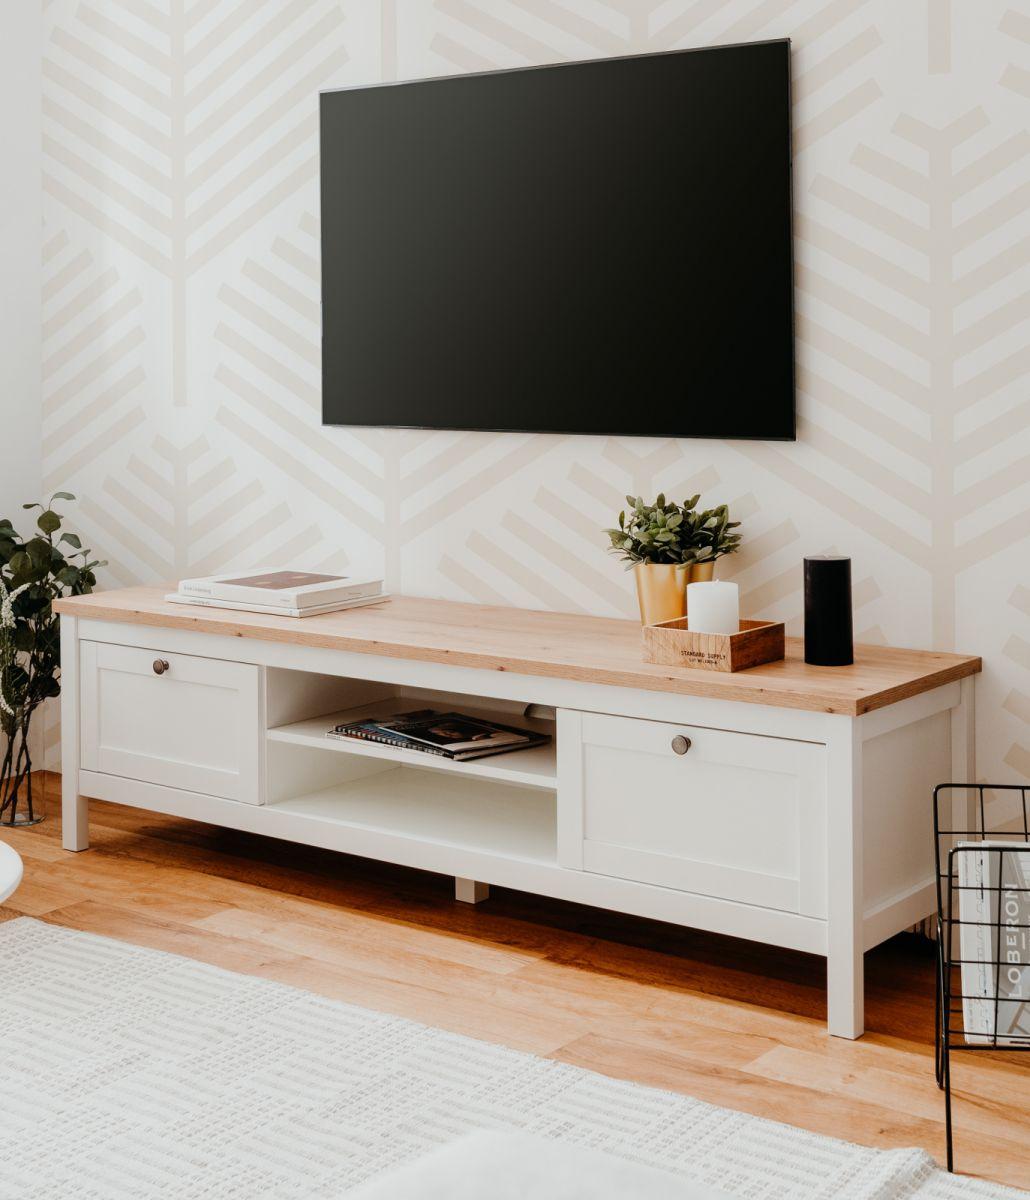 TV-Lowboard Bergen weiss und Eiche 160 x 45 cm